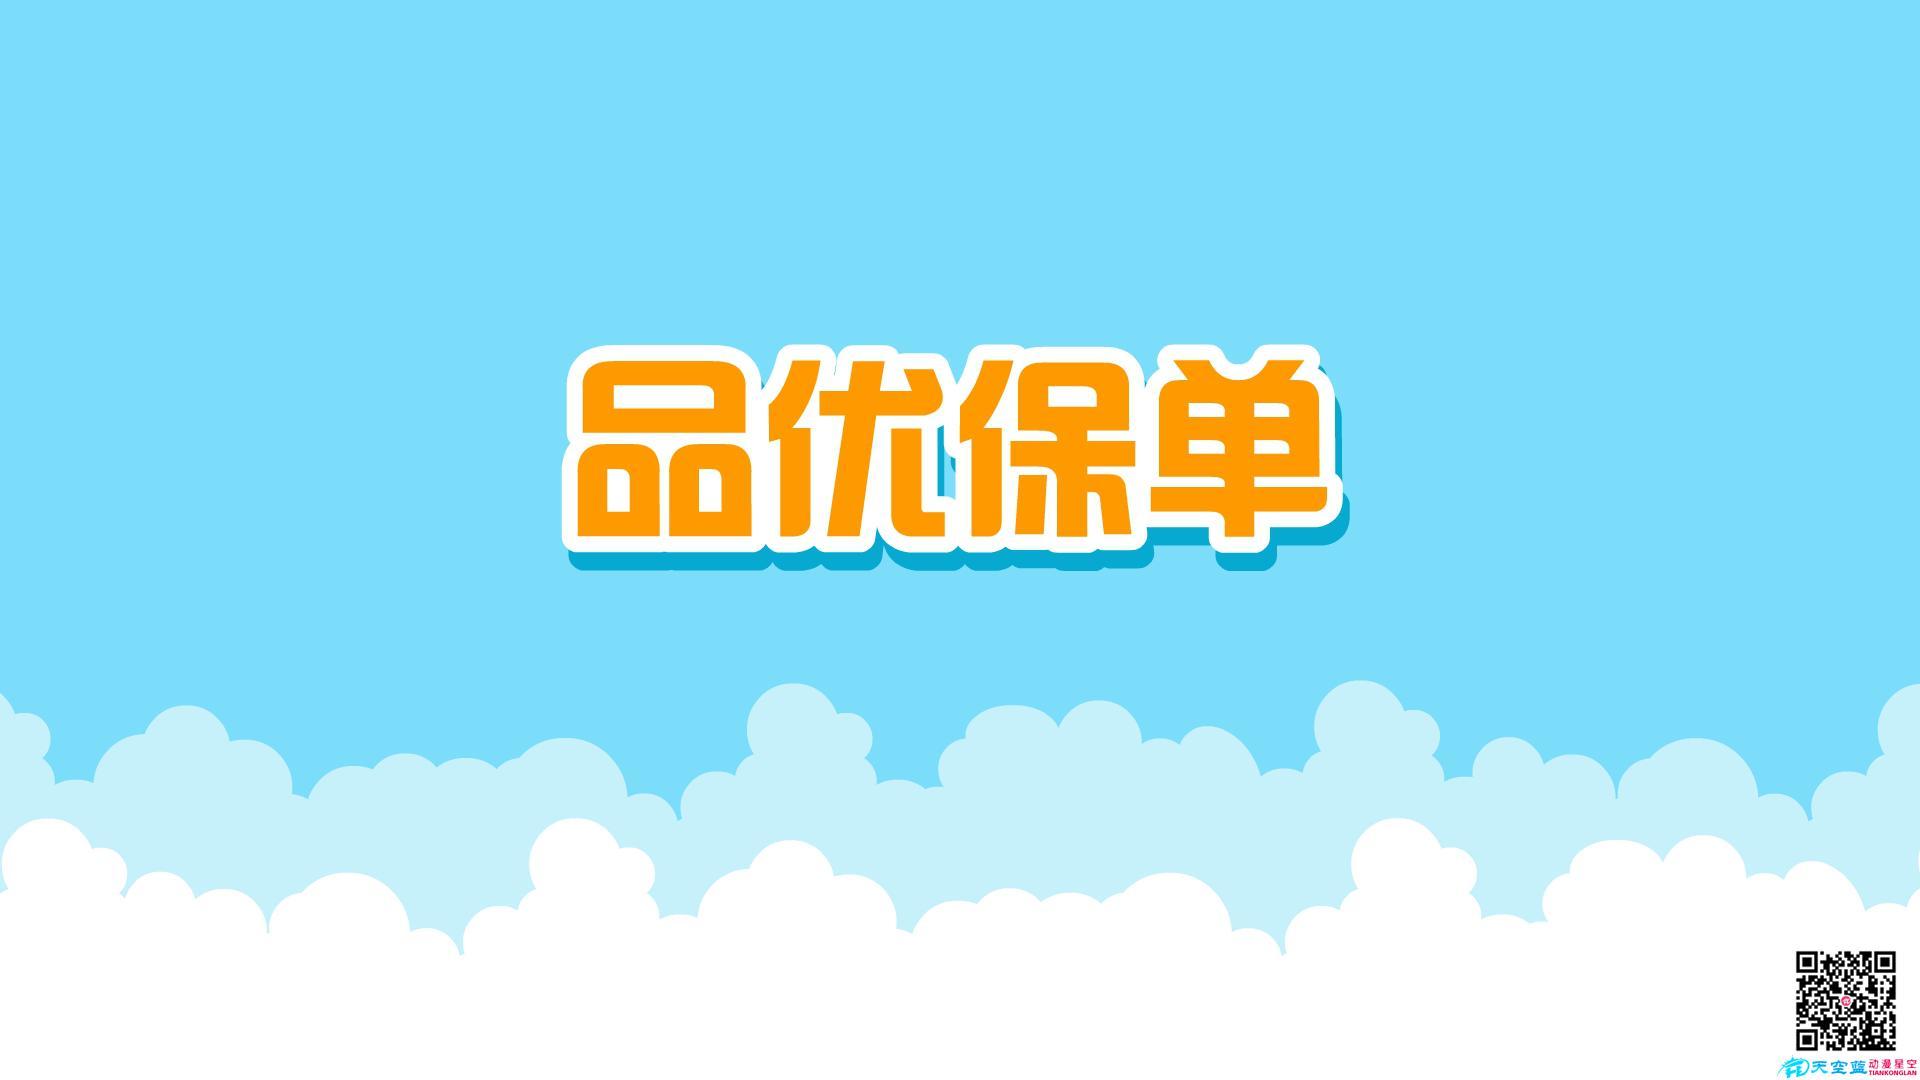 MG动画广告制作《品优保单》动漫宣传片剧本分镜头设计